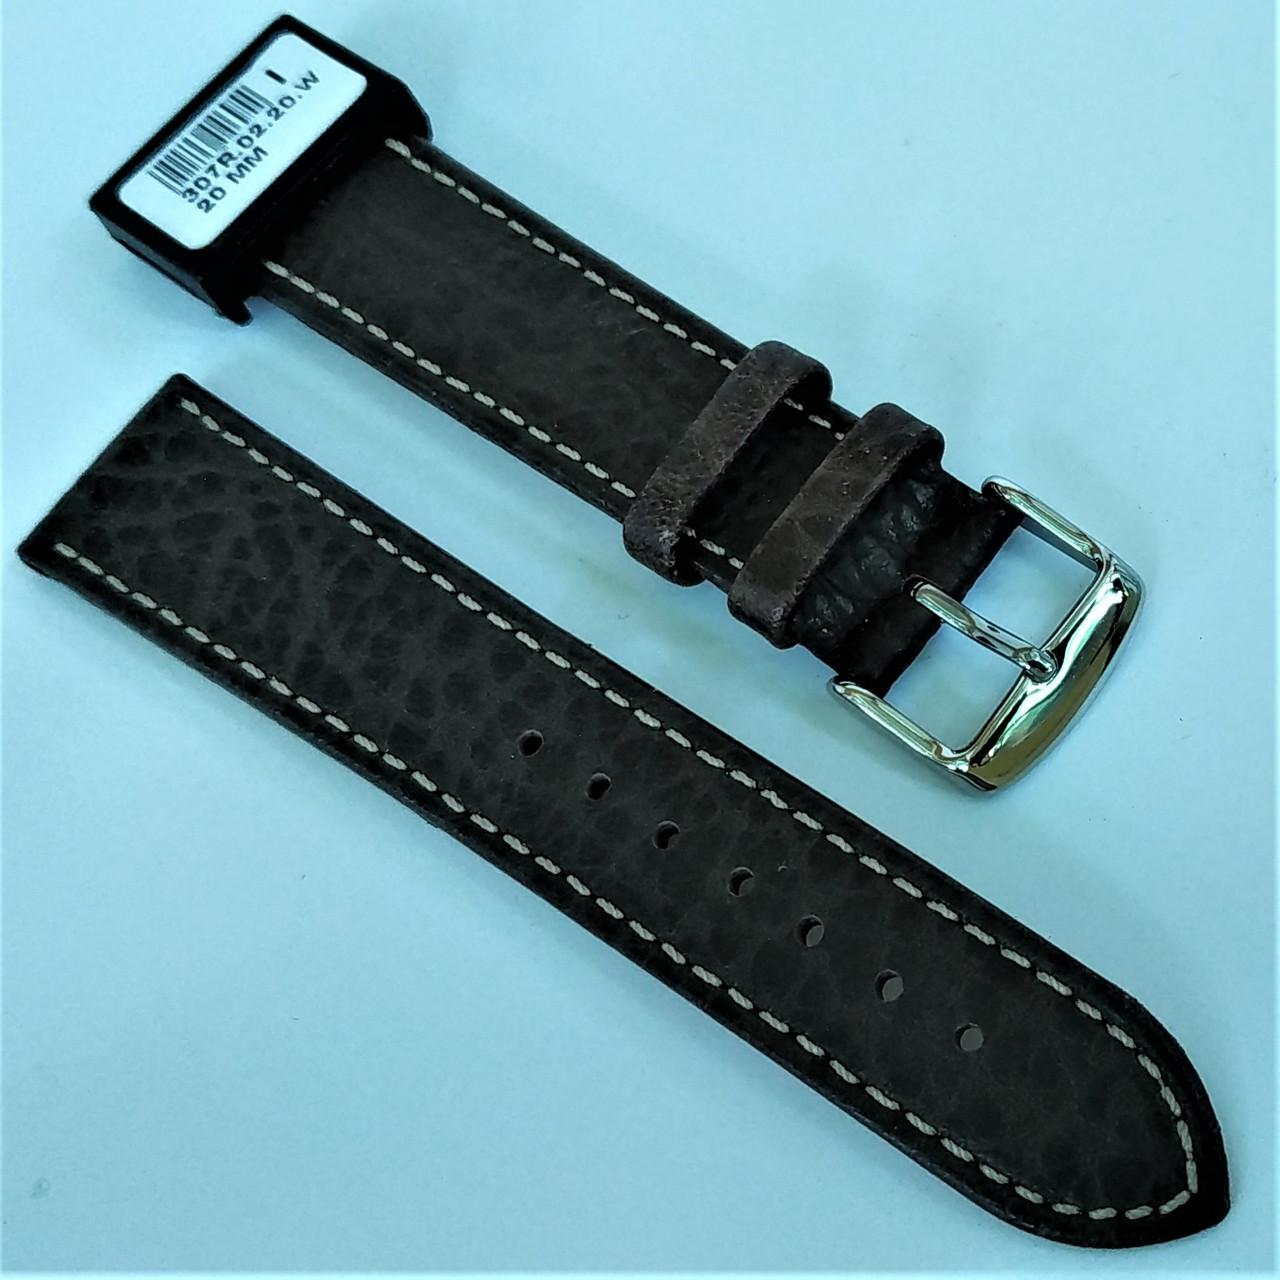 20 мм Кожаный Ремешок для часов CONDOR 307.20.02 Коричневый Ремешок на часы из Натуральной кожи